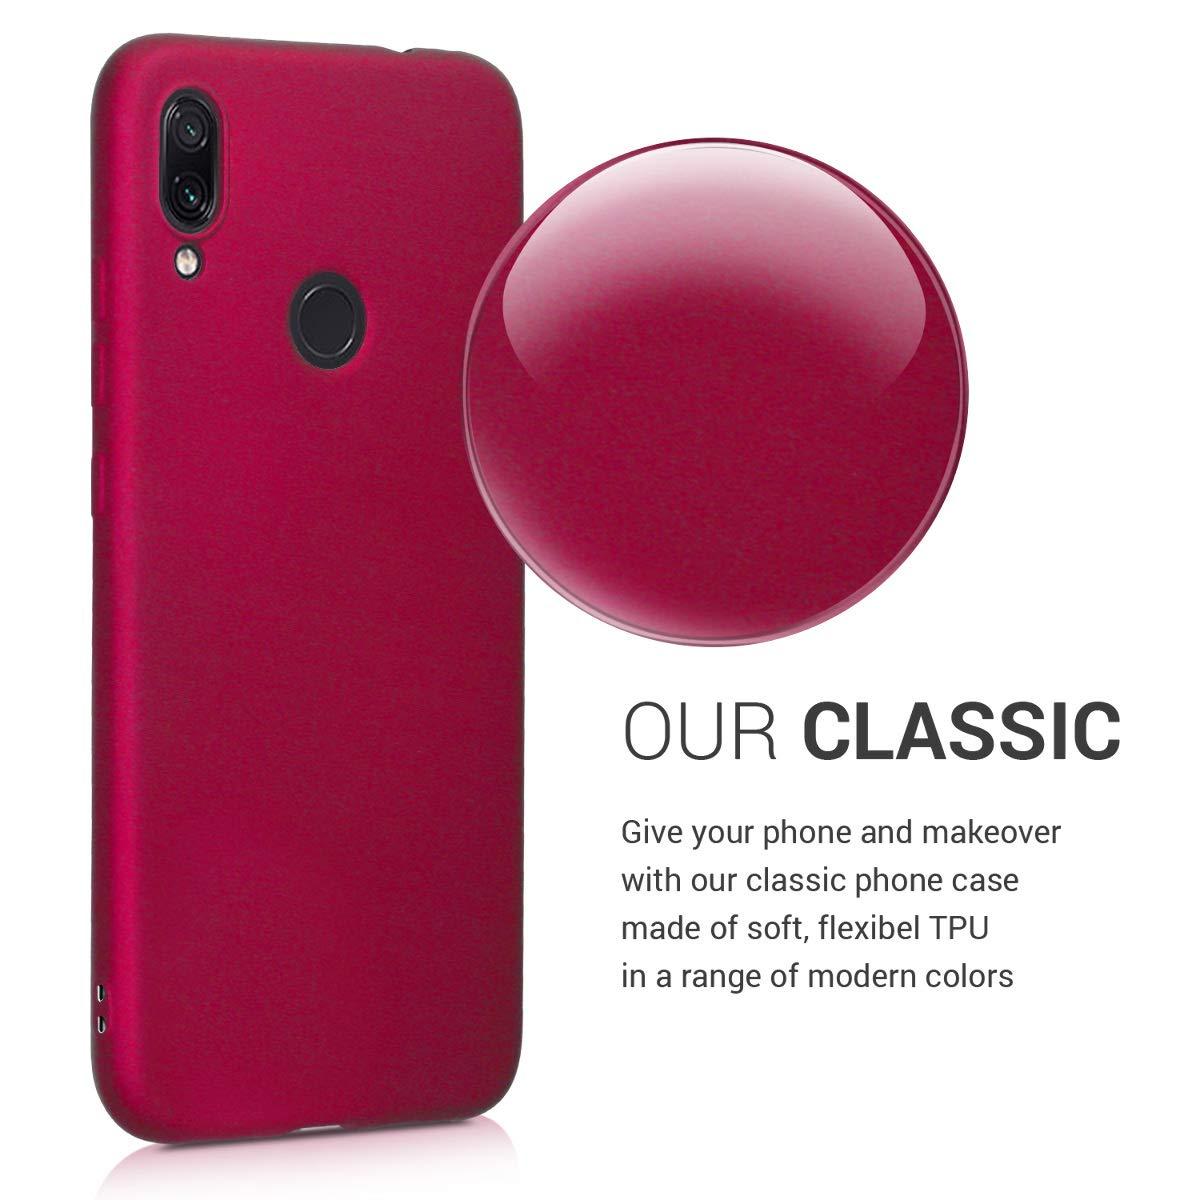 Violeta Note 7 Pro Carcasa de TPU para m/óvil Antideslizante y Acabado Rugoso kwmobile Funda para Xiaomi Redmi Note 7